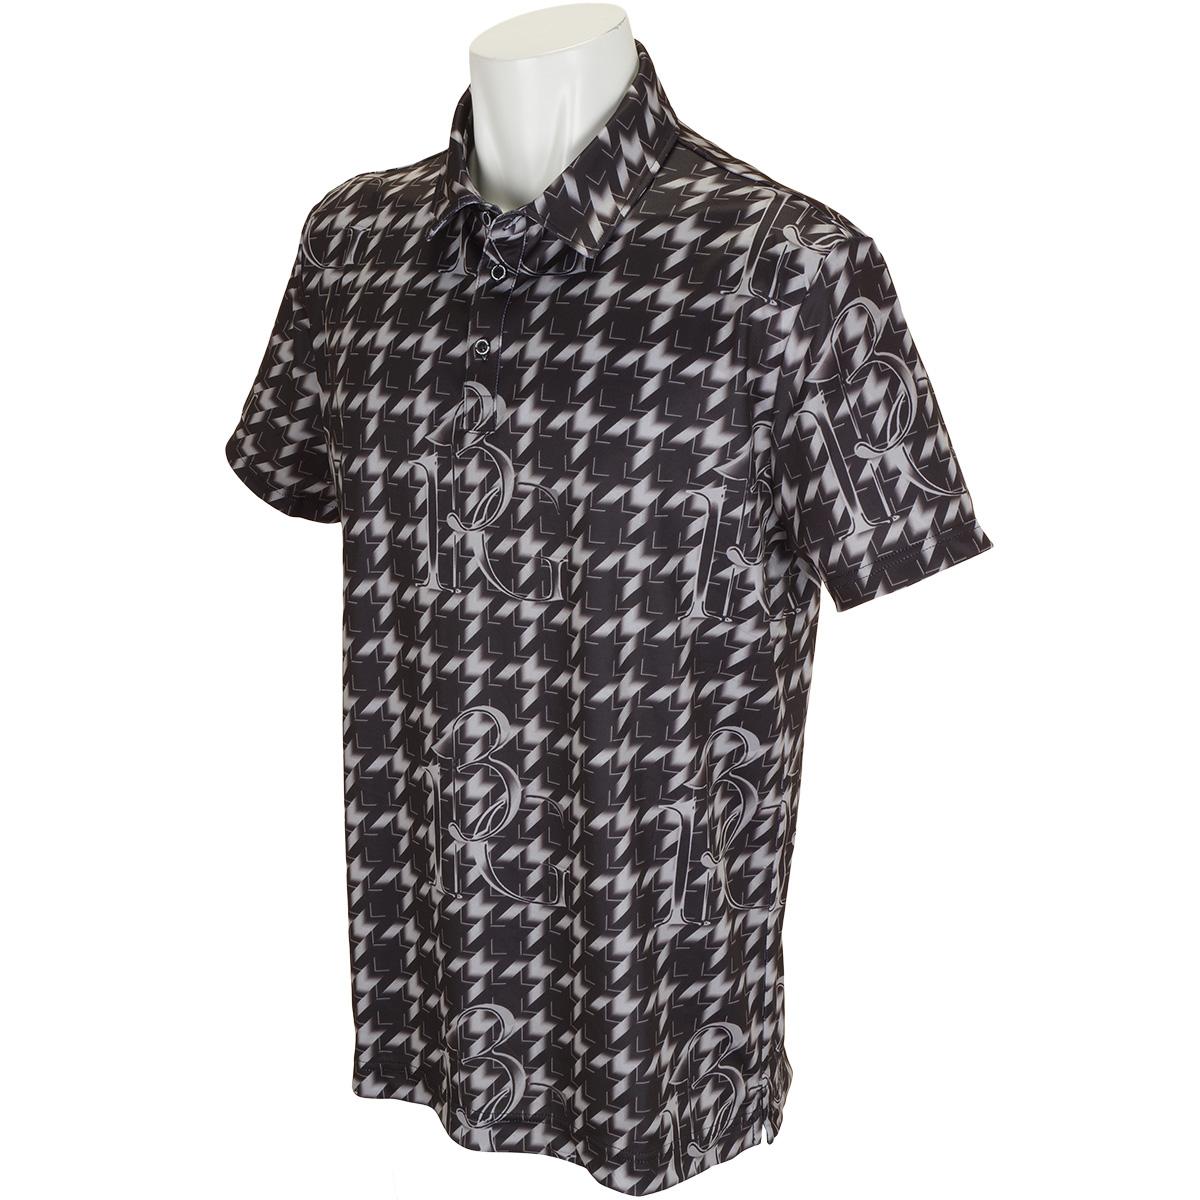 ハウンズトゥース半袖ポロシャツ